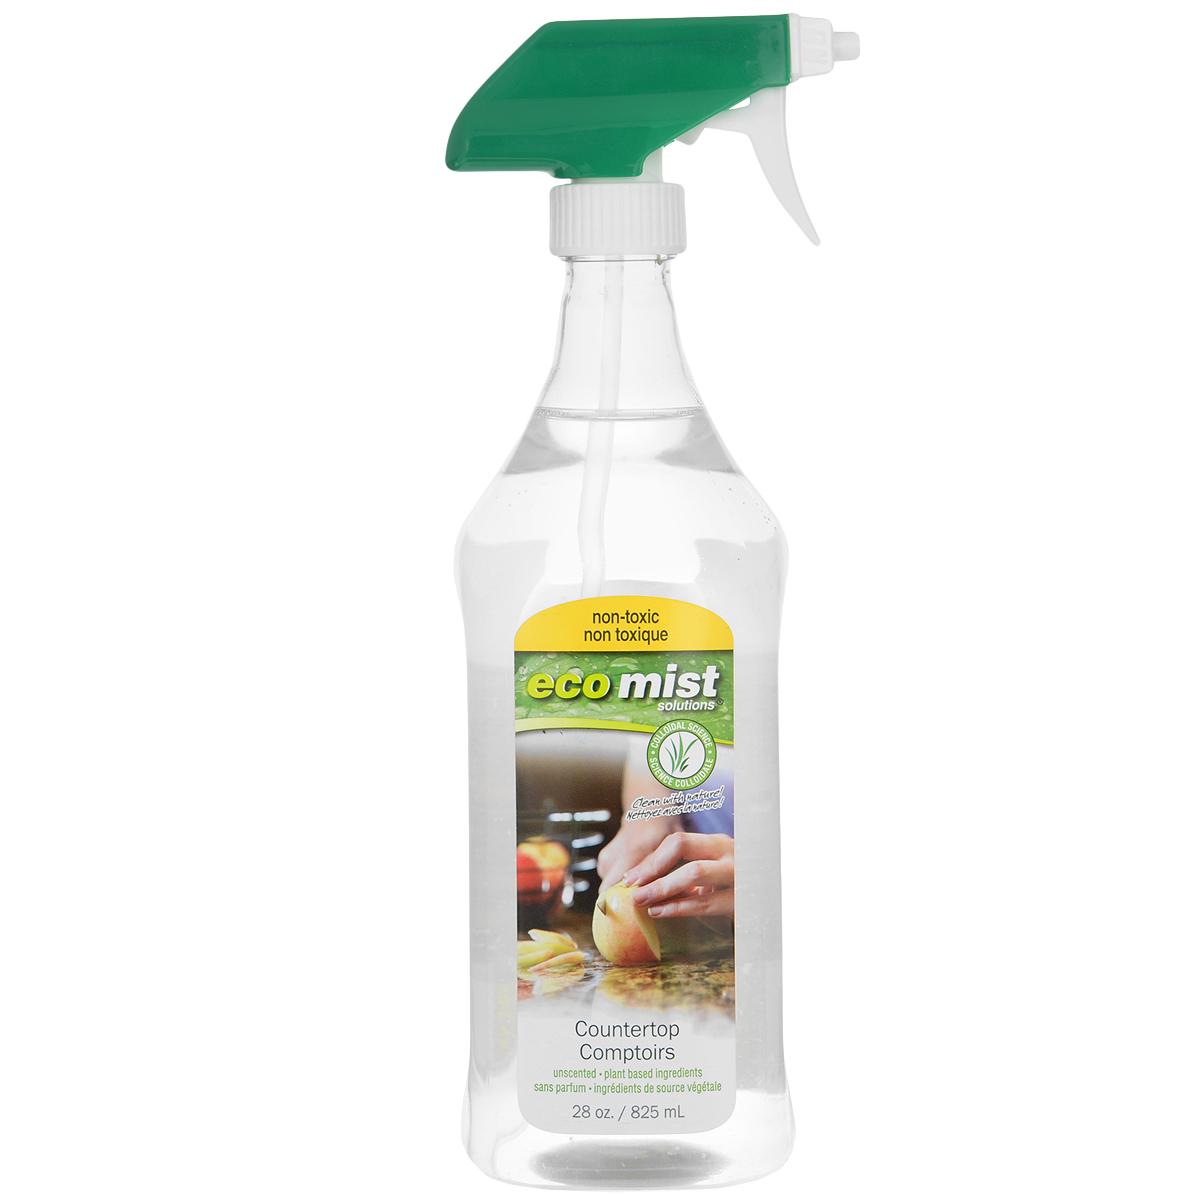 Средство для очистки столешниц Eco Mist, 825 мл68/5/1Средство Eco Mist предназначено для удаления пыли, грязи, плесени, грибка со всех видов каменных столешниц и предметов - гранитных, мраморных, известняковых, керамических. Незаменимое средство при уборке саун, бань и др. Придает сияющий вид и идеальную чистоту.Состав: дехлорированная вода, обработанный экстракт кокосового ореха, сахарный тростник, экстракт зерна.